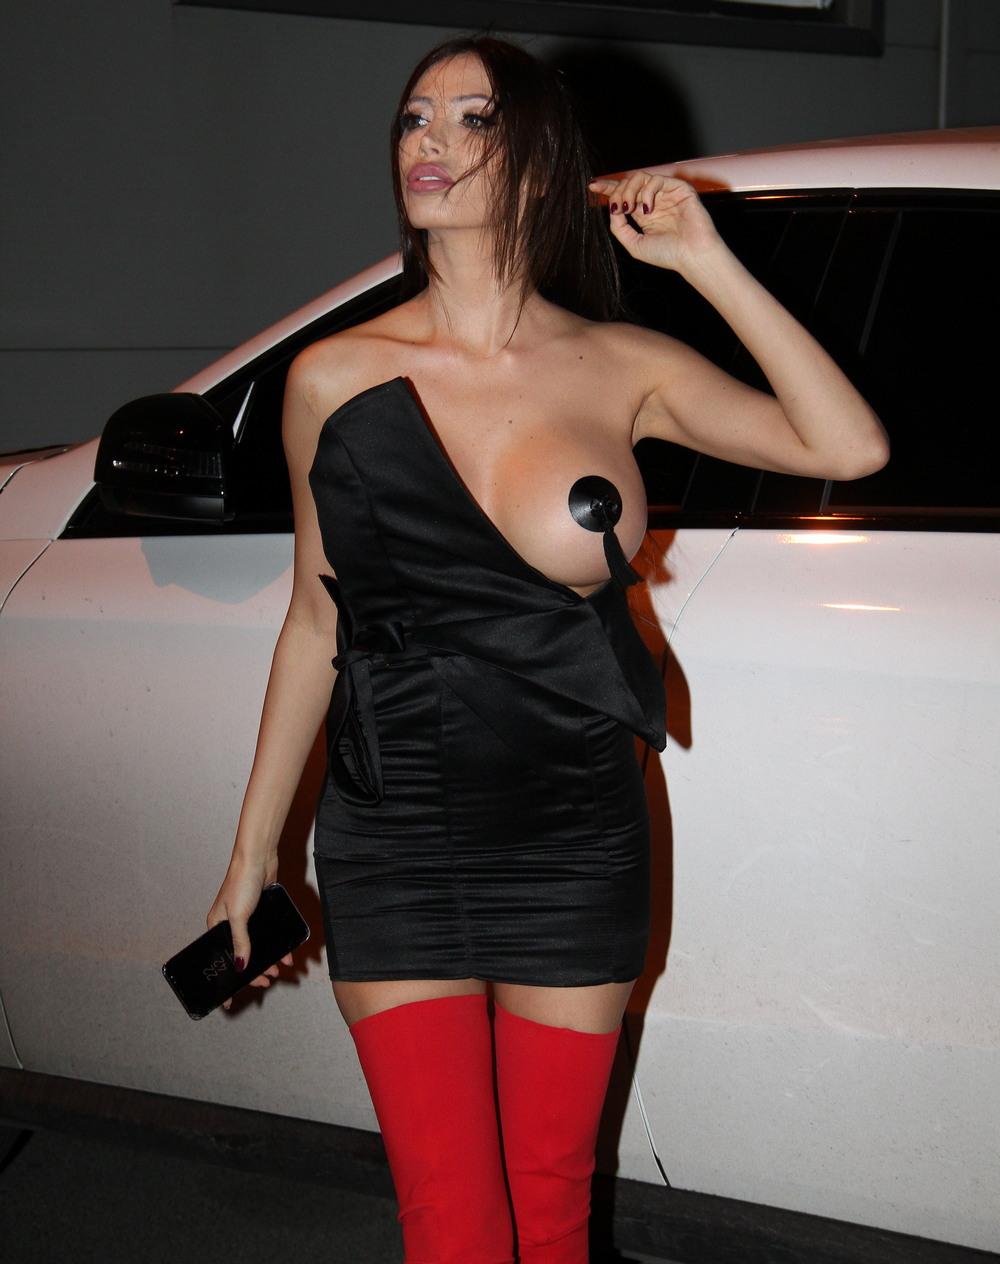 海外のモデルさんが斬新なファッションで登場する。これは意表を突かれたわ。。(画像)・6枚目